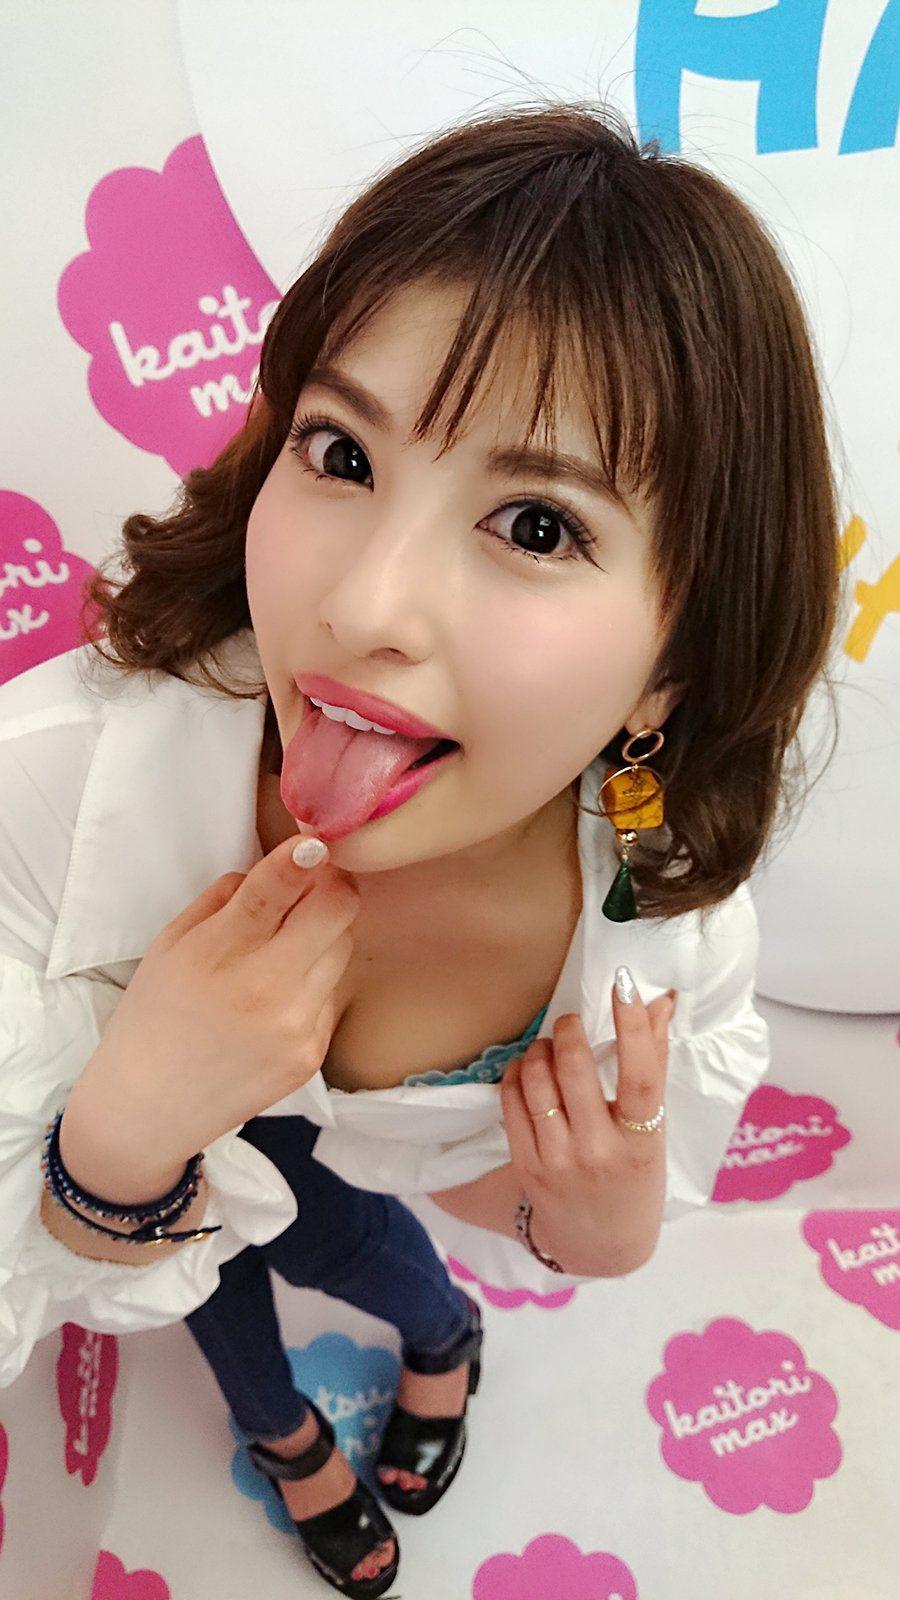 早川瑞希の舌出し (1)